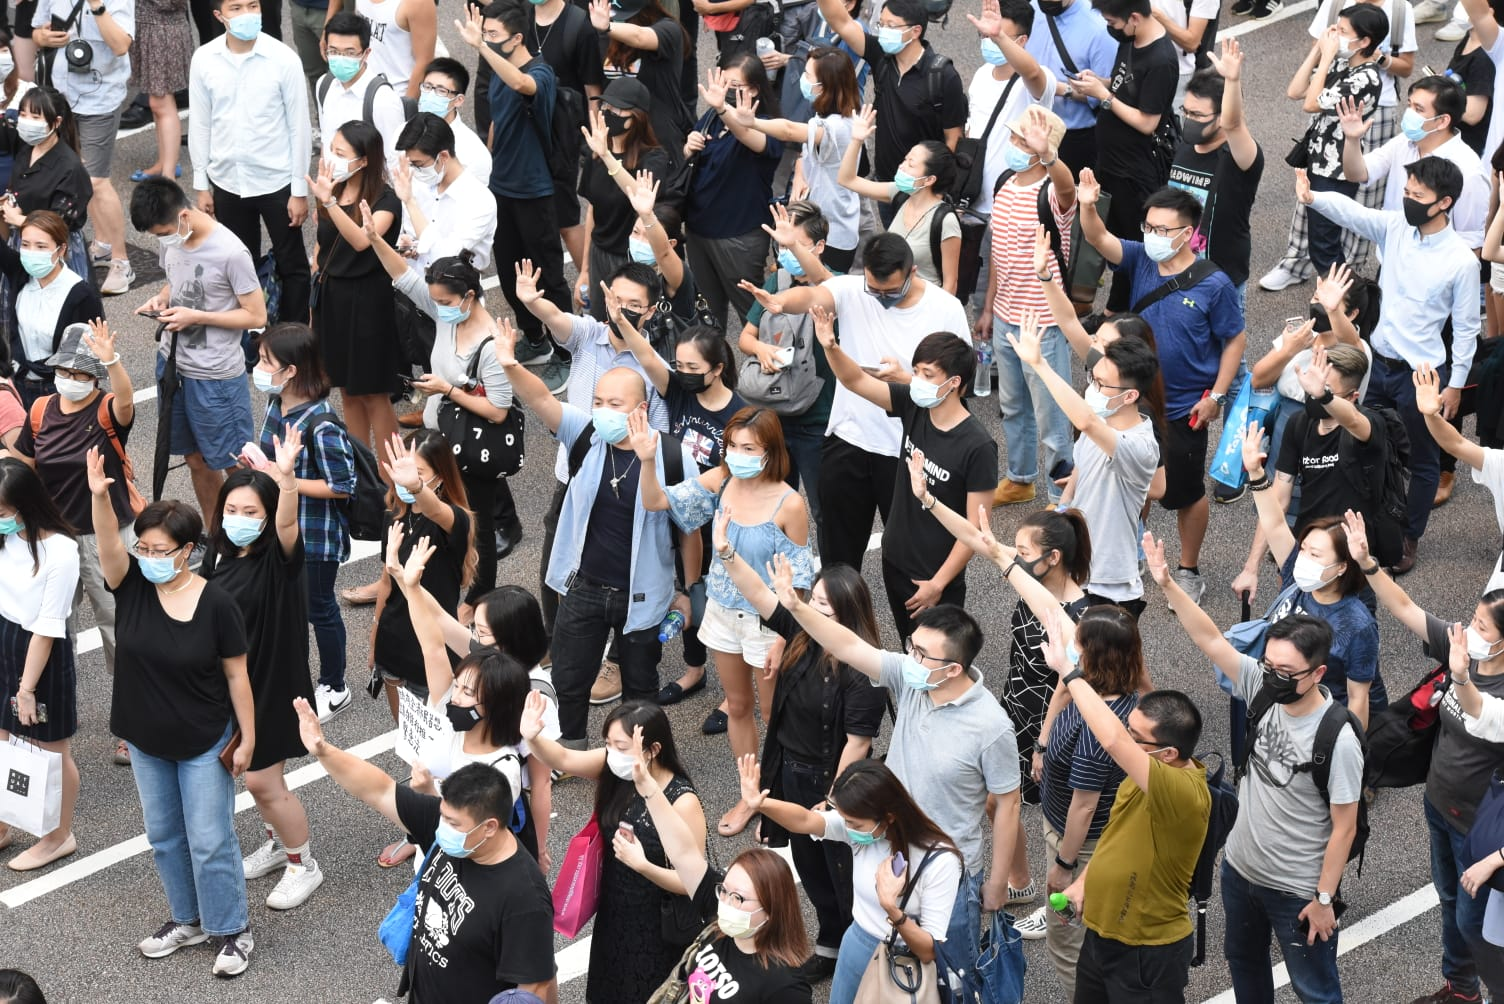 中環示威者堵塞馬路